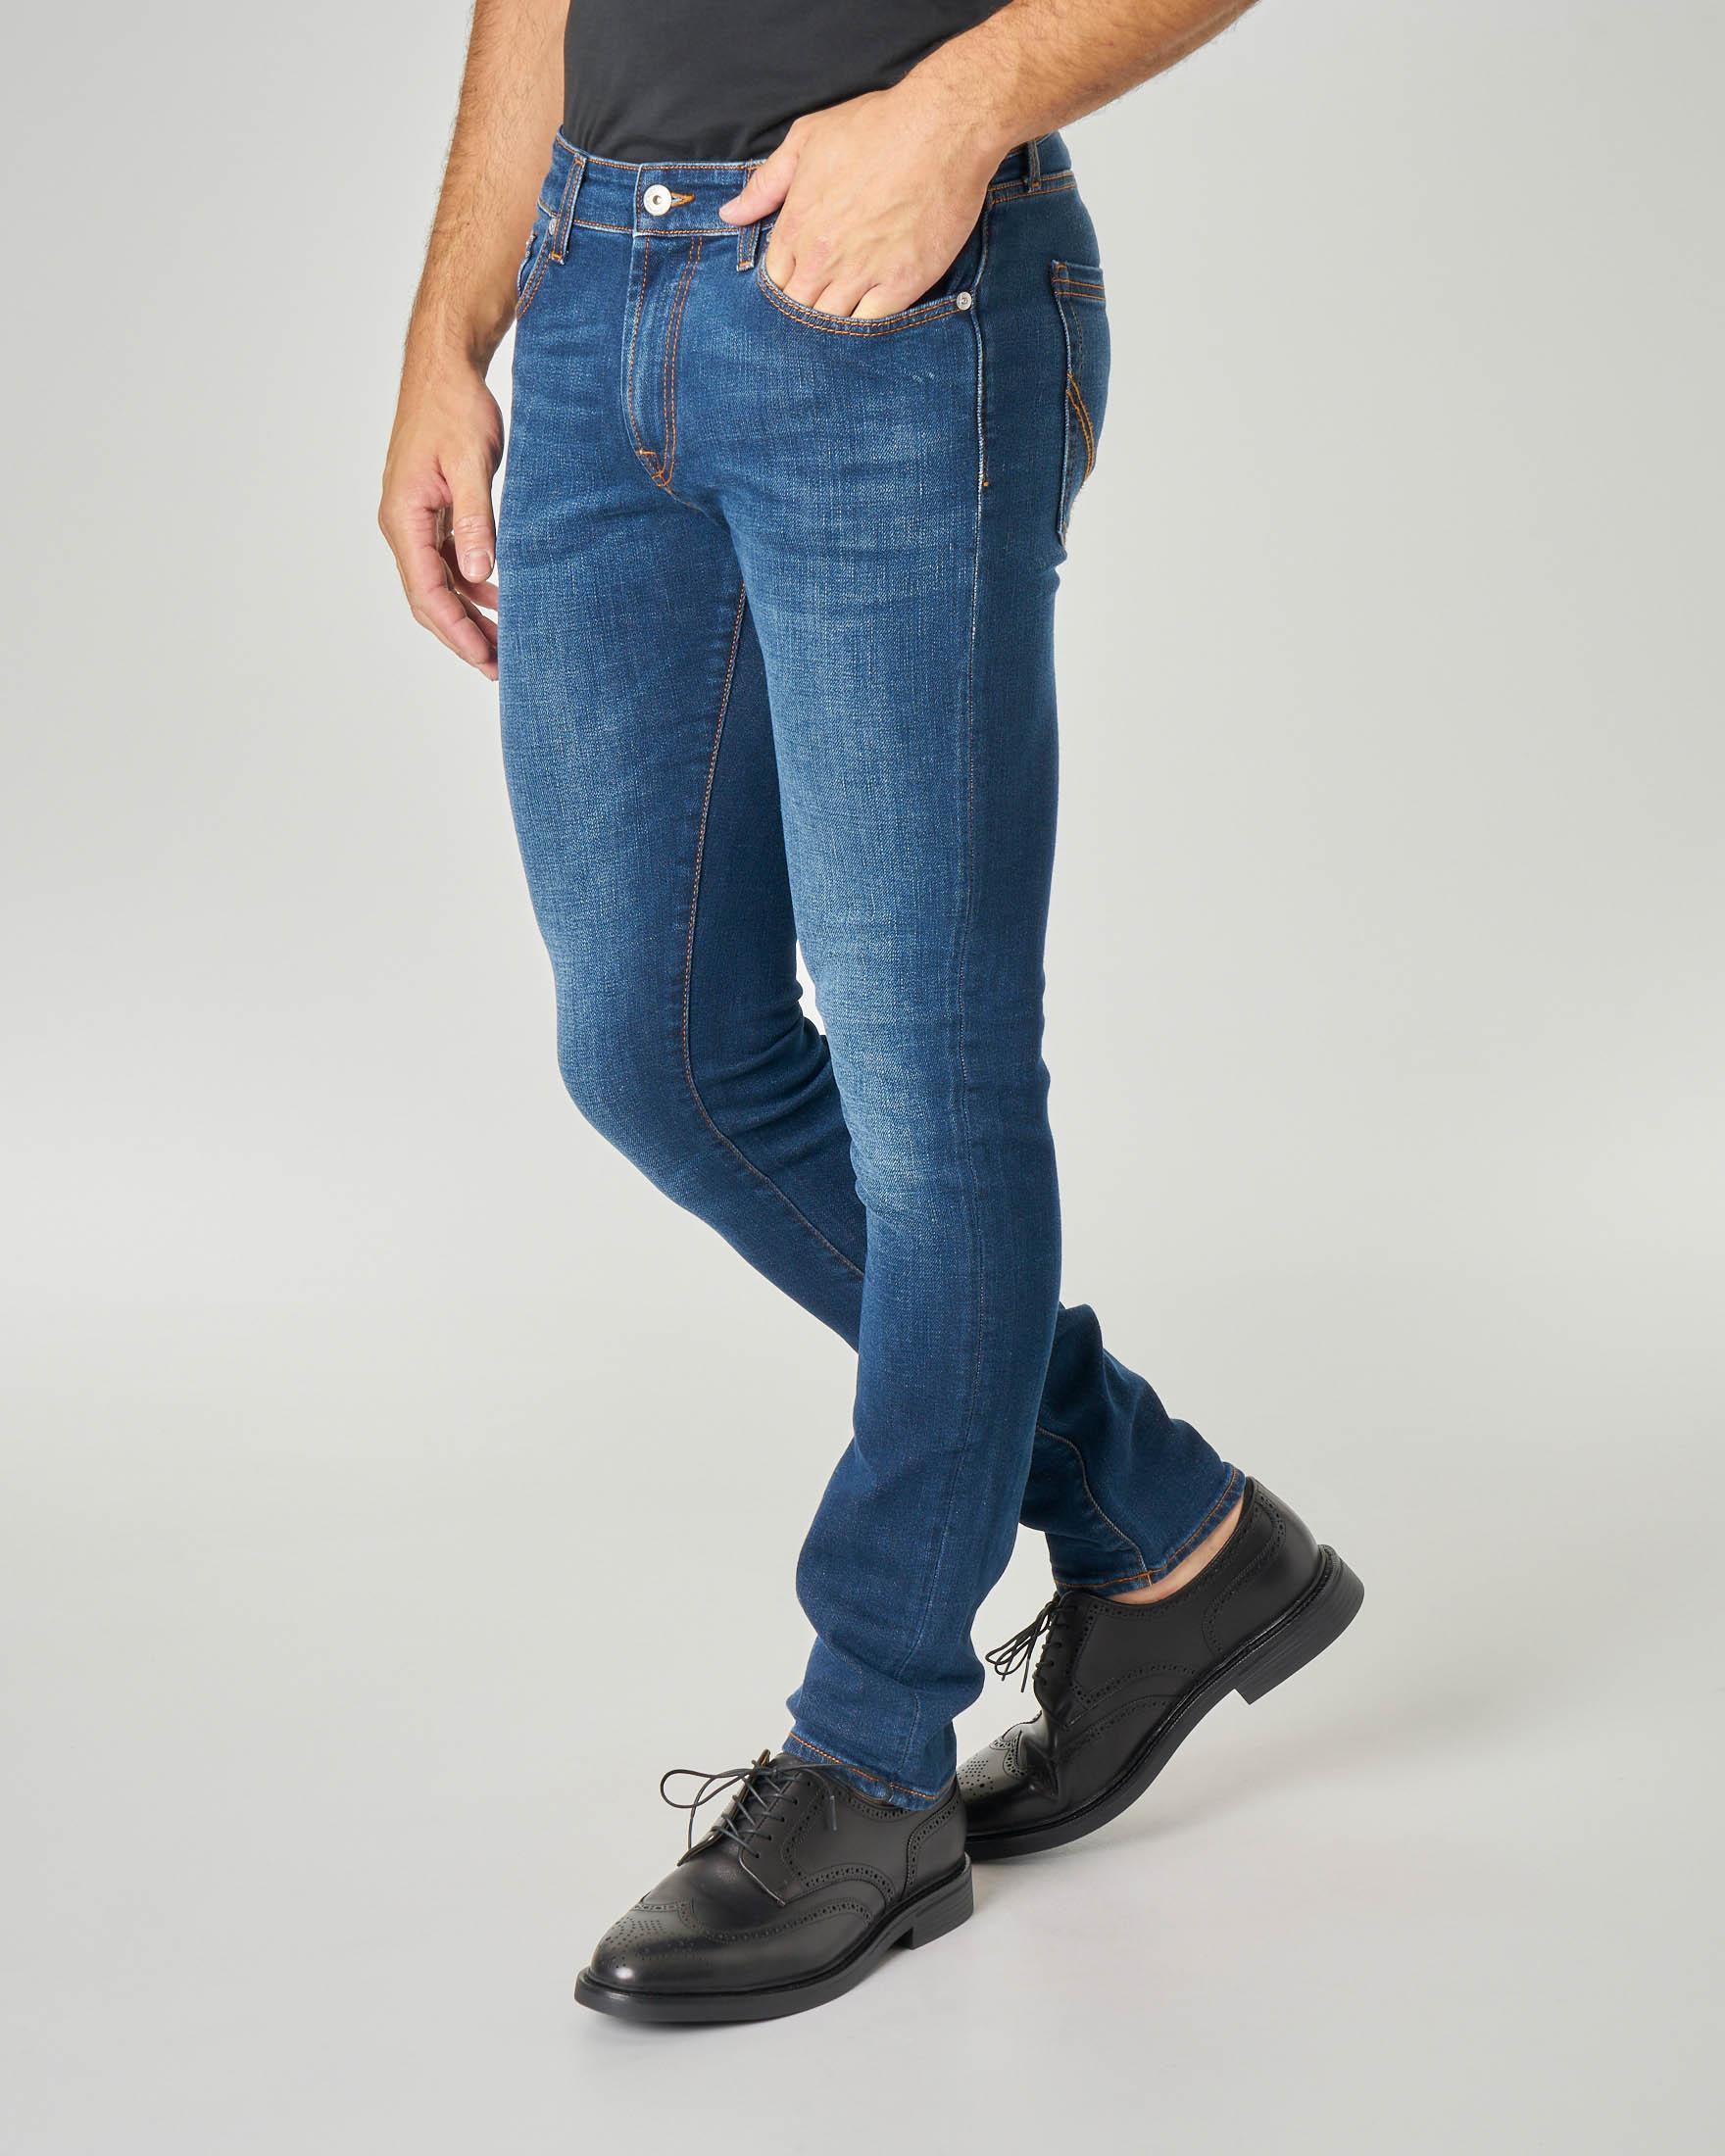 Jeans 317 Nozeleg Campa lavaggio stone wash